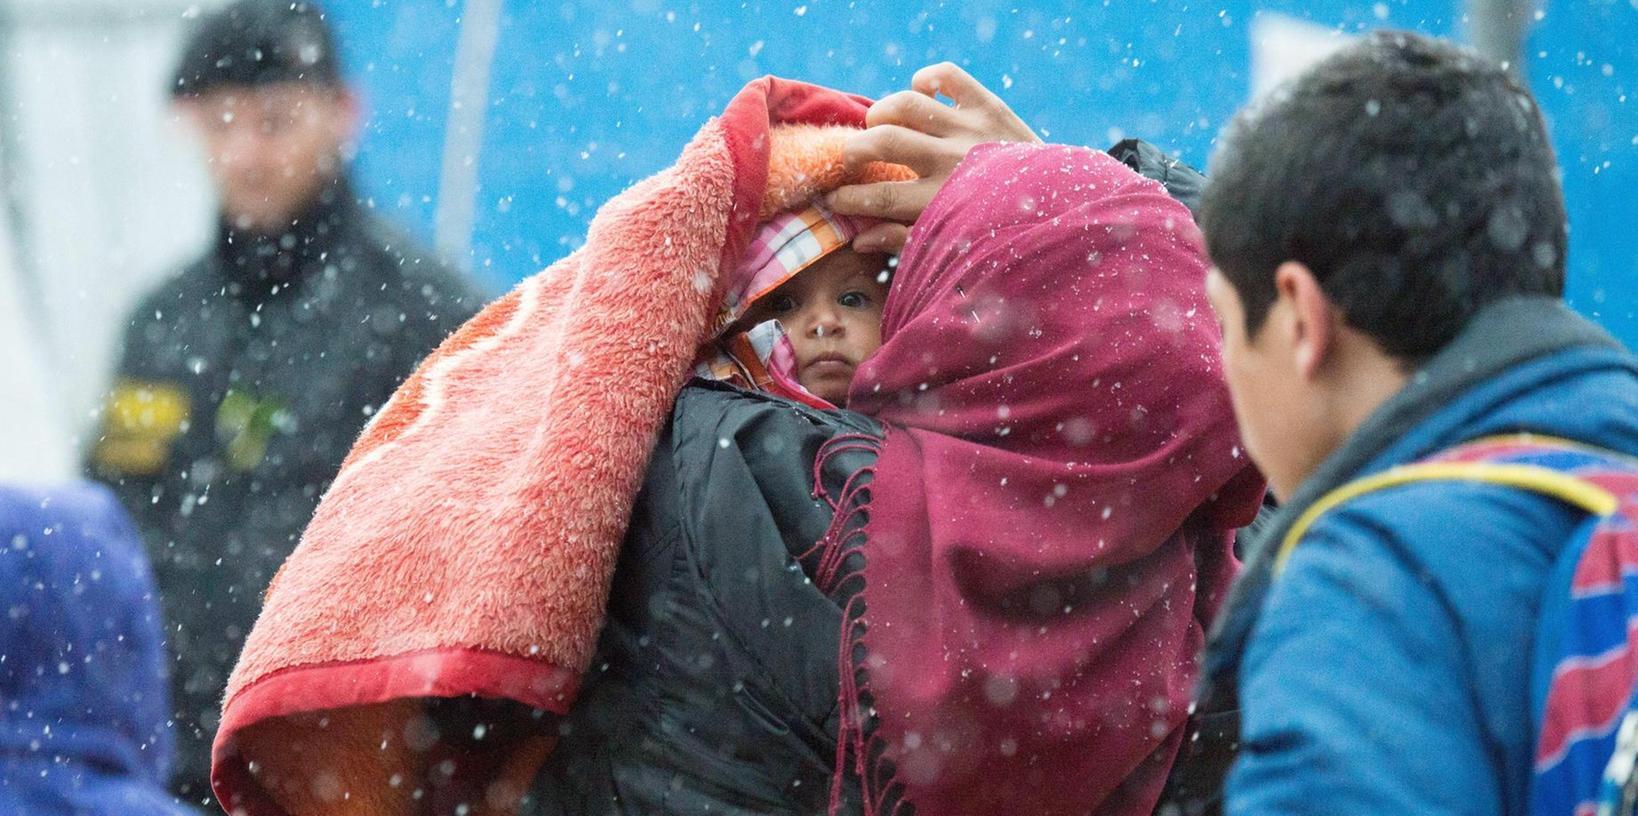 Ausreise im Winter: Viele sorgen sich um Flüchtlinge, die während der kalten Jahreszeit abgeschoben werden sollen. Archivf.: Weigel/dpa